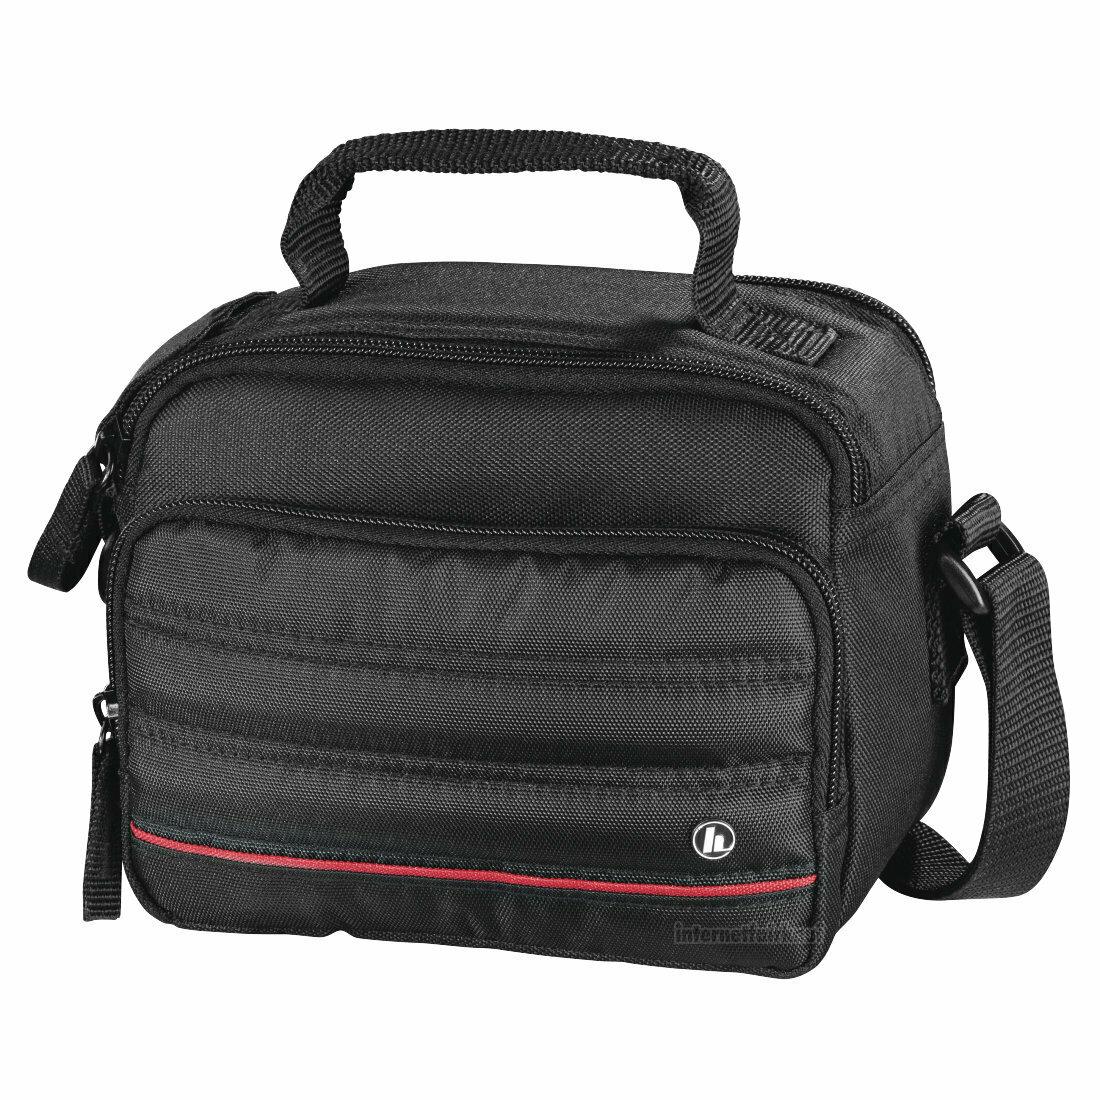 Fototasche Kameratasche passend für Nikon Coolpix P610 P900